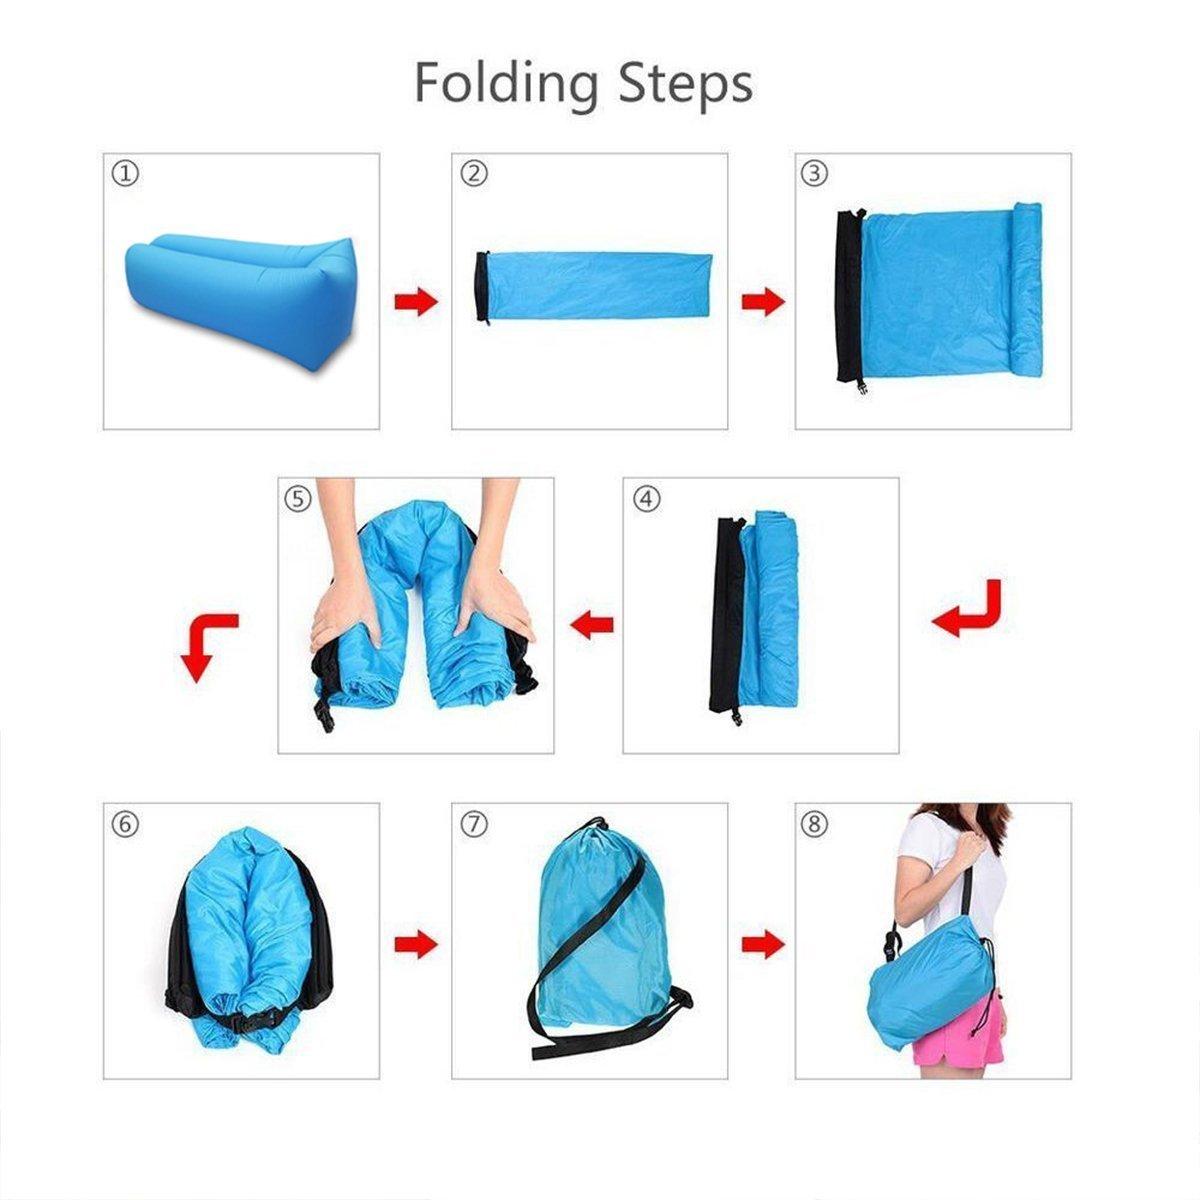 kemxi tech Outdoor Air Sofa Fast Inflatable Laybag Sof/á perezoso del sof/á perezoso del saco de dormir de la cama de aire de la playa del ocioso de la caminata